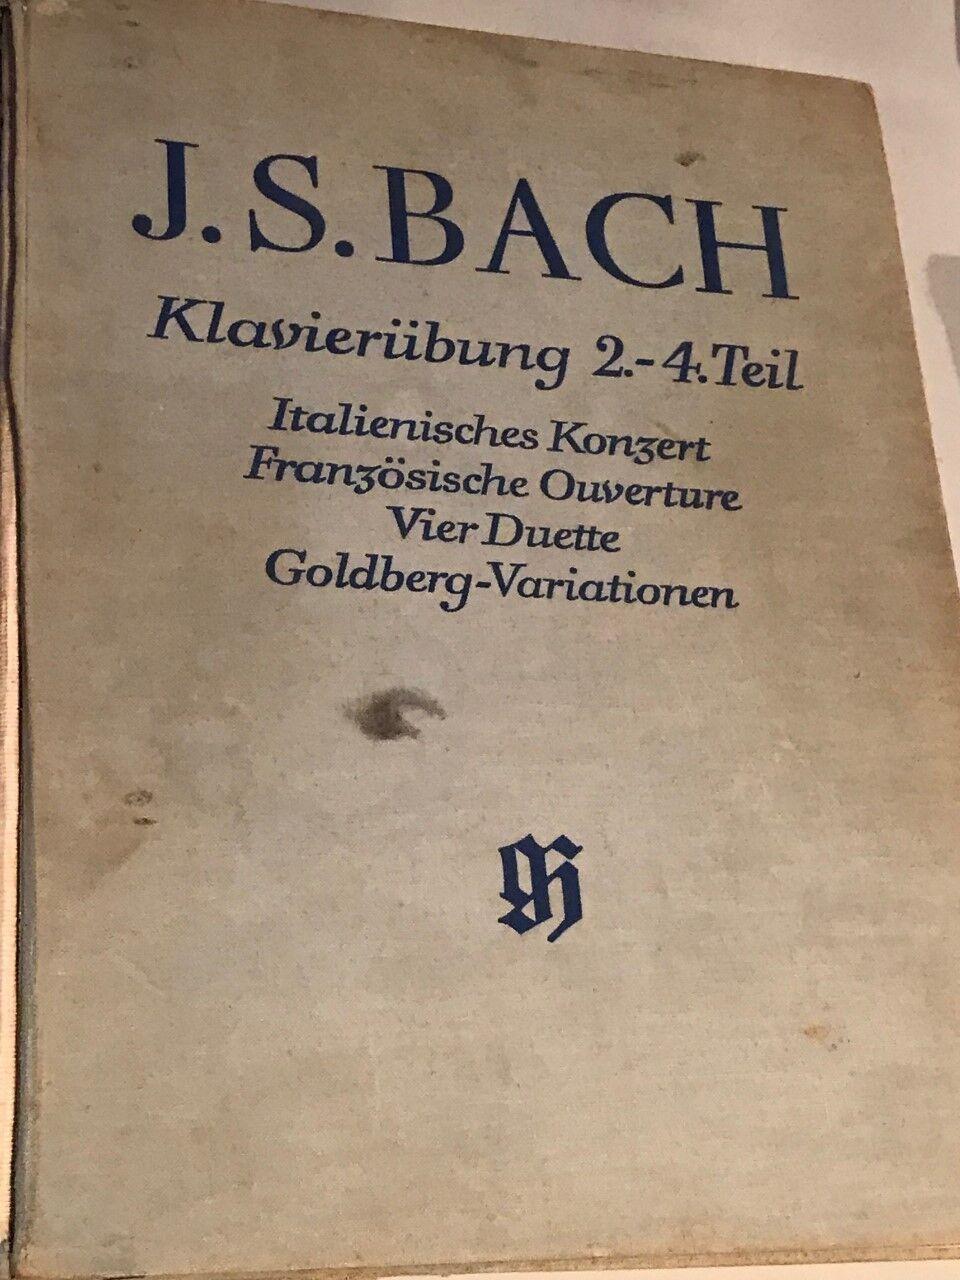 Sheet Music, Books J S Bach Das Wohltemperierte Klavier Teil II + klavieruburg